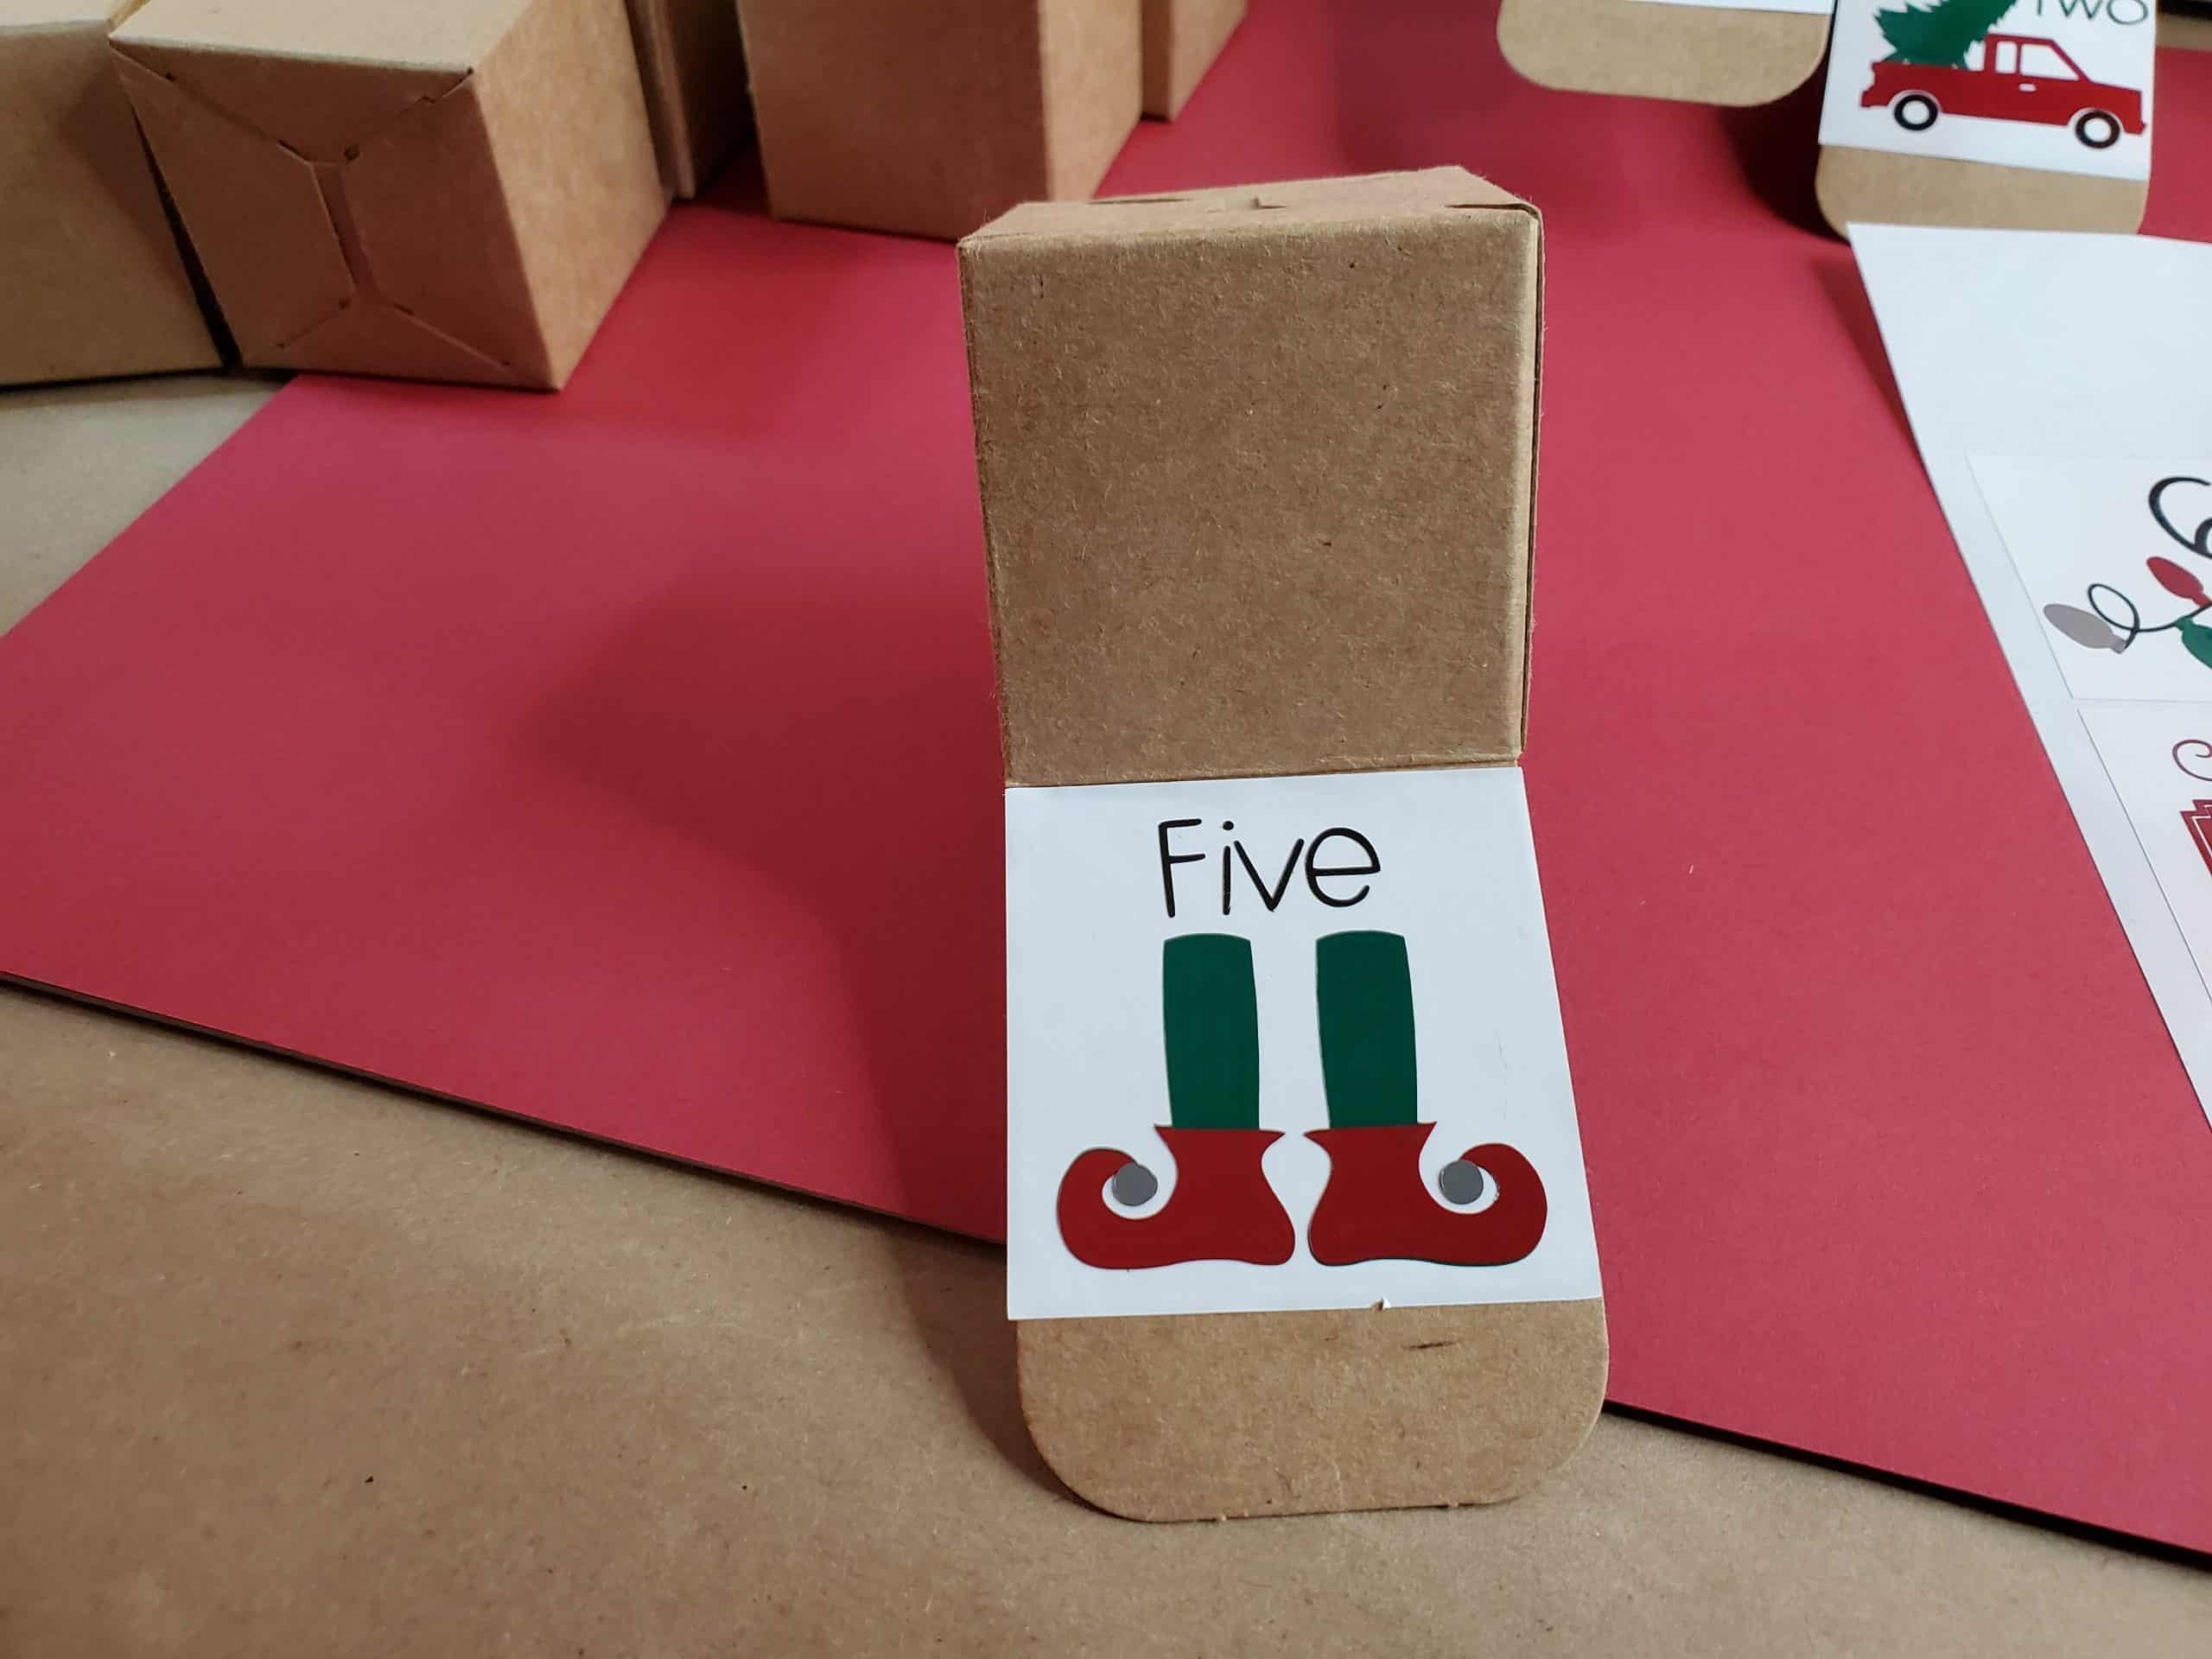 Square 5 box